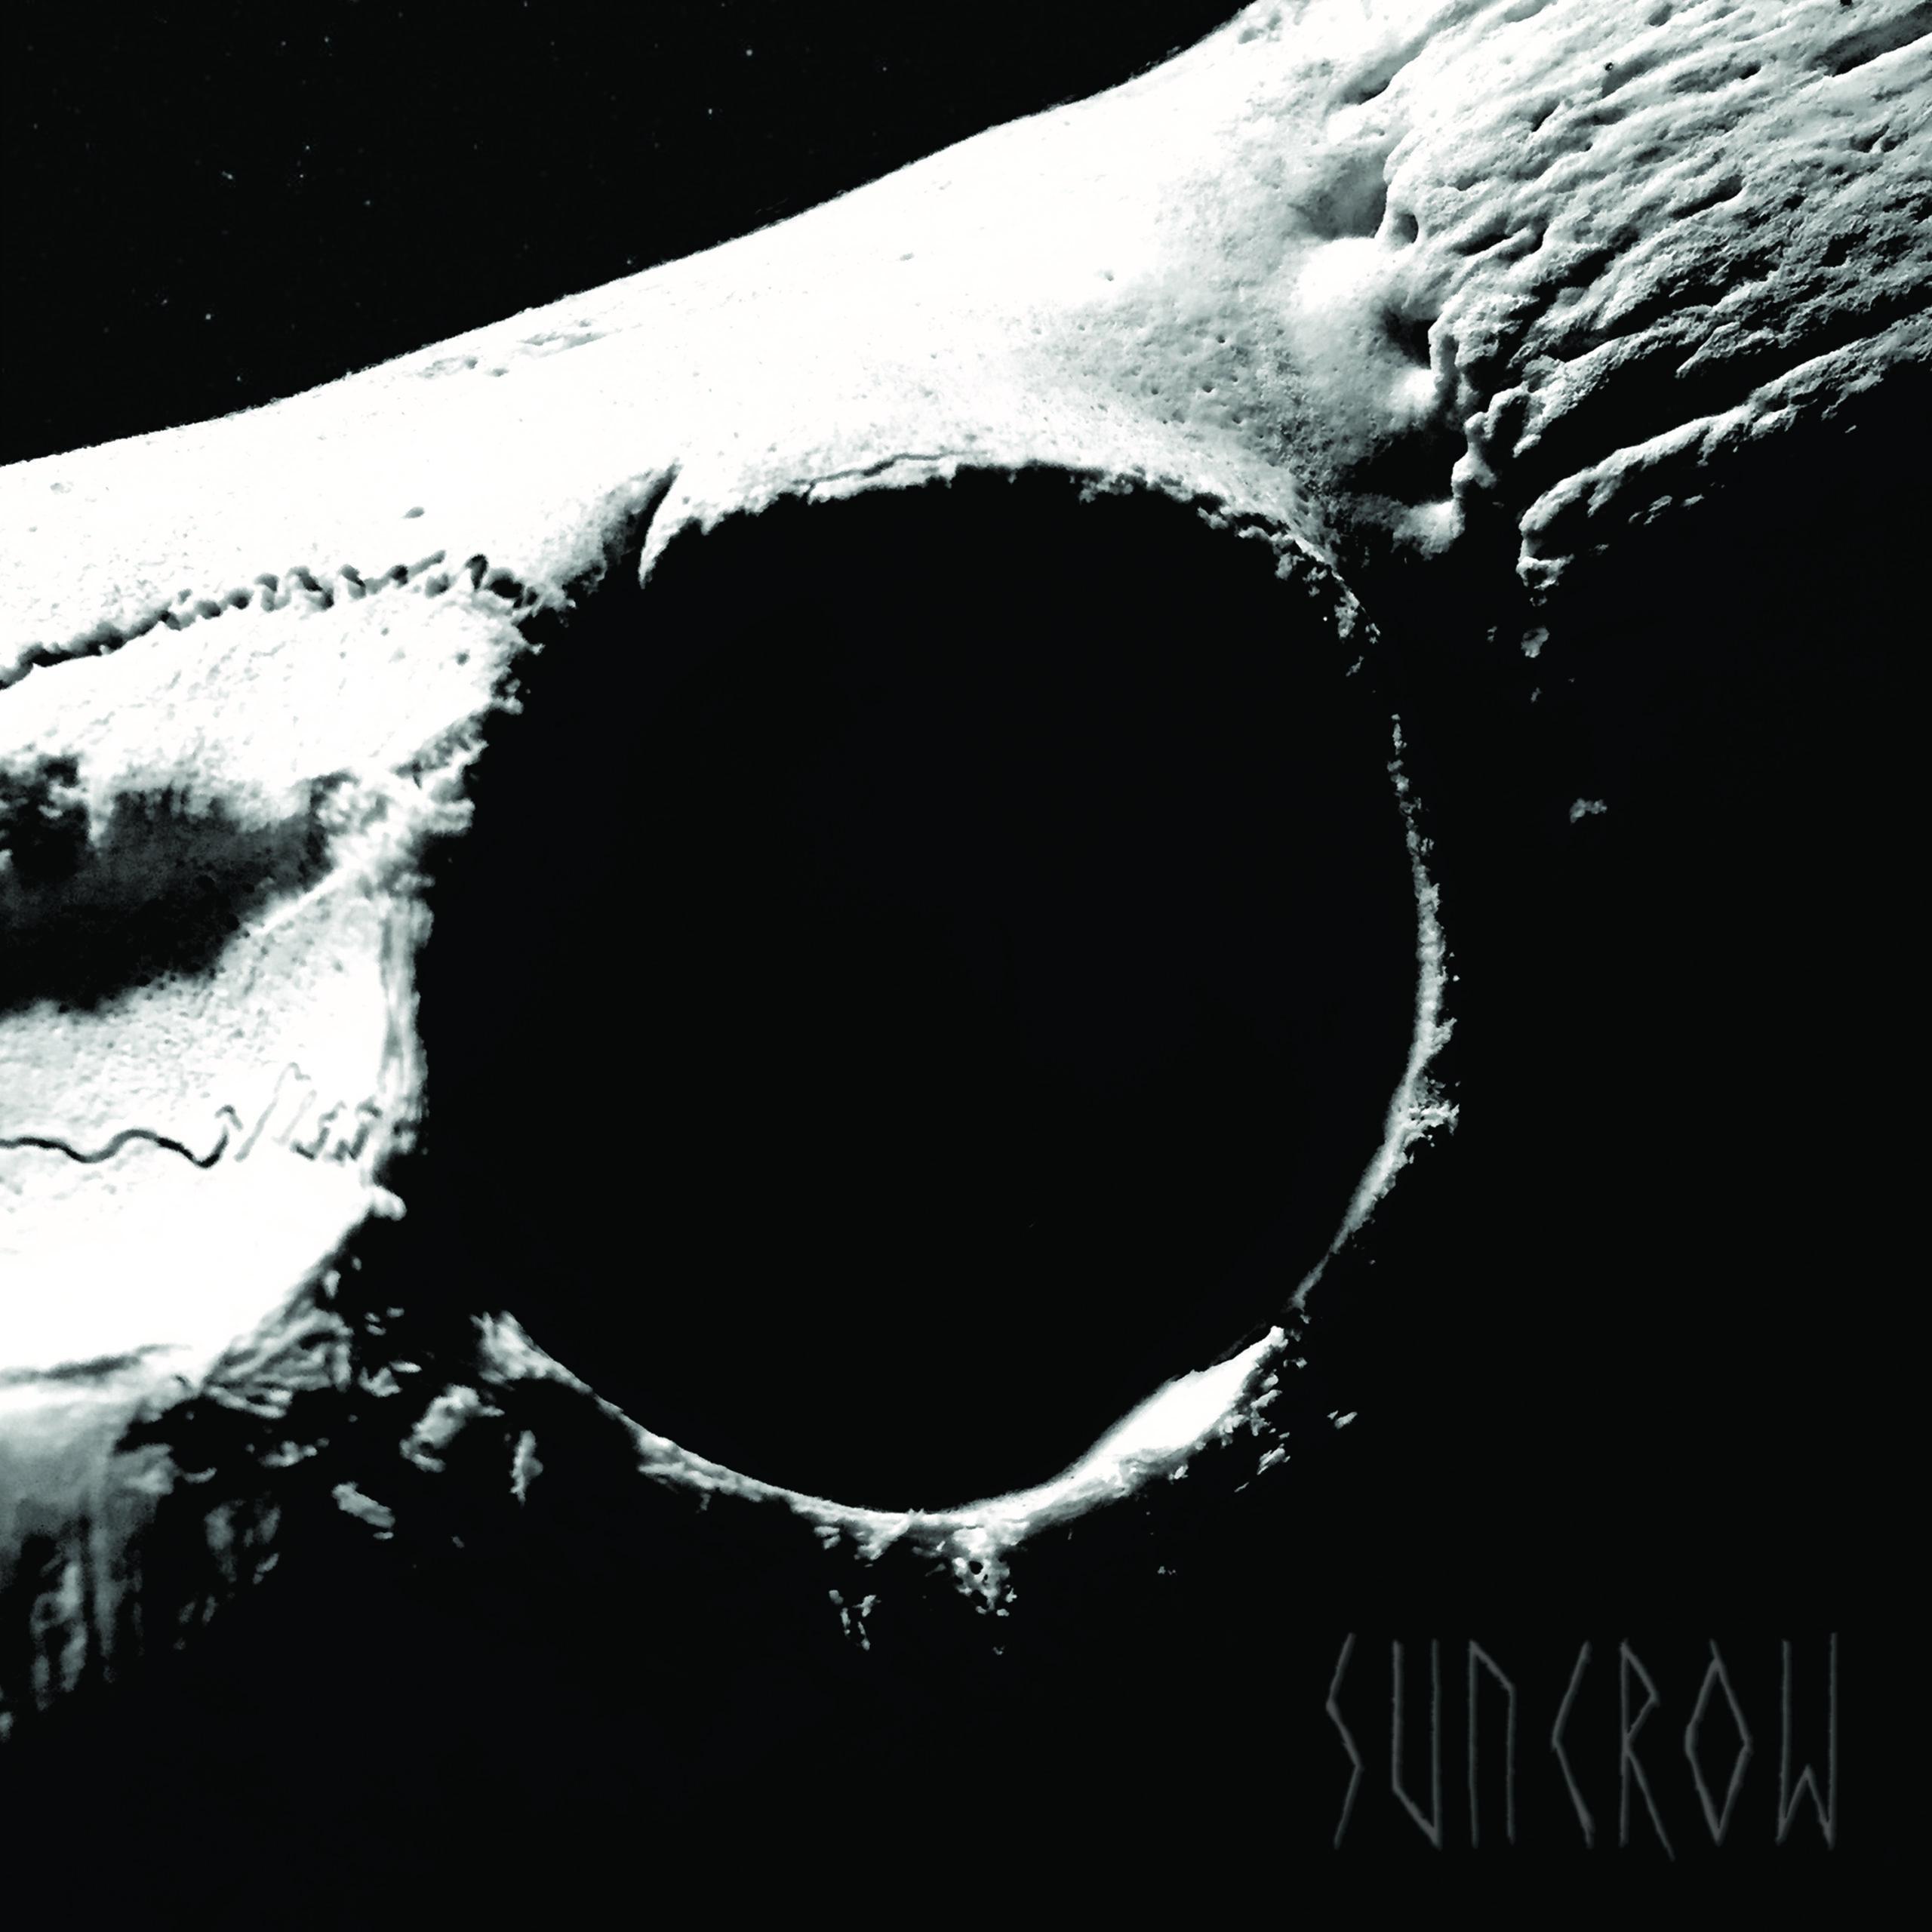 sun crow quest for oblivion